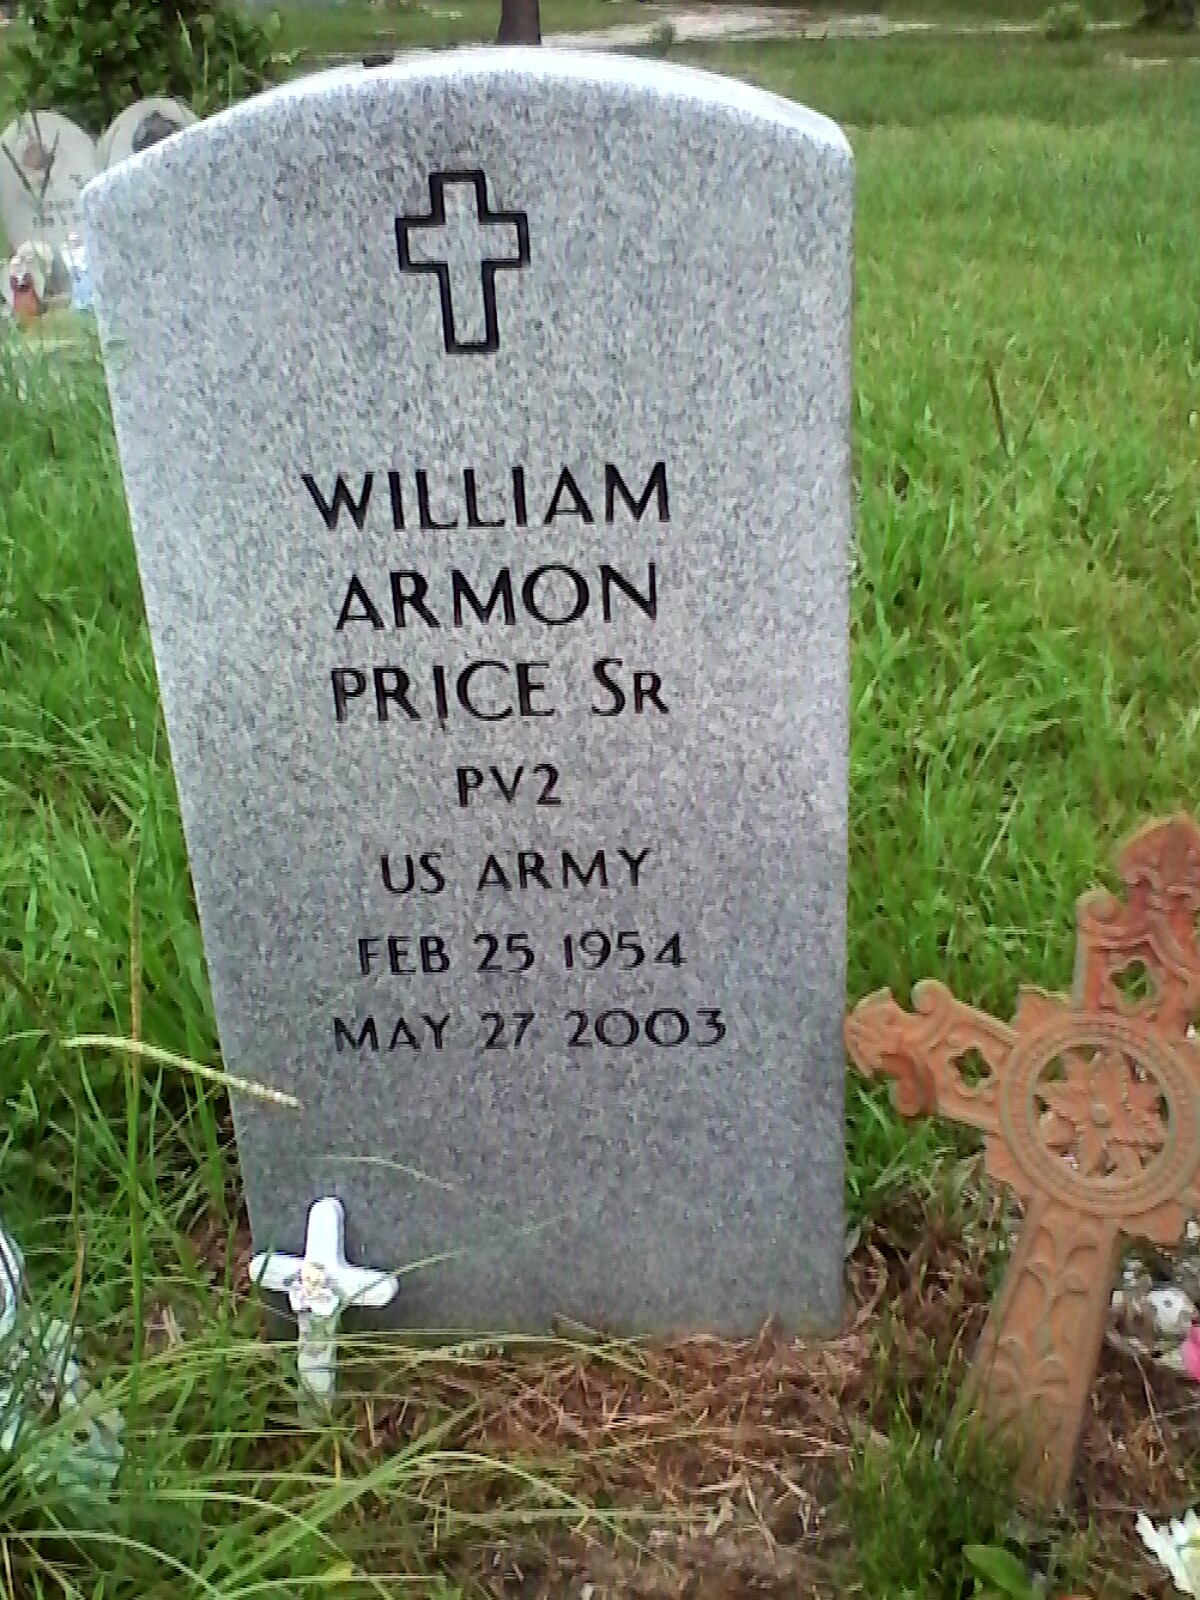 William Armon Price, Sr